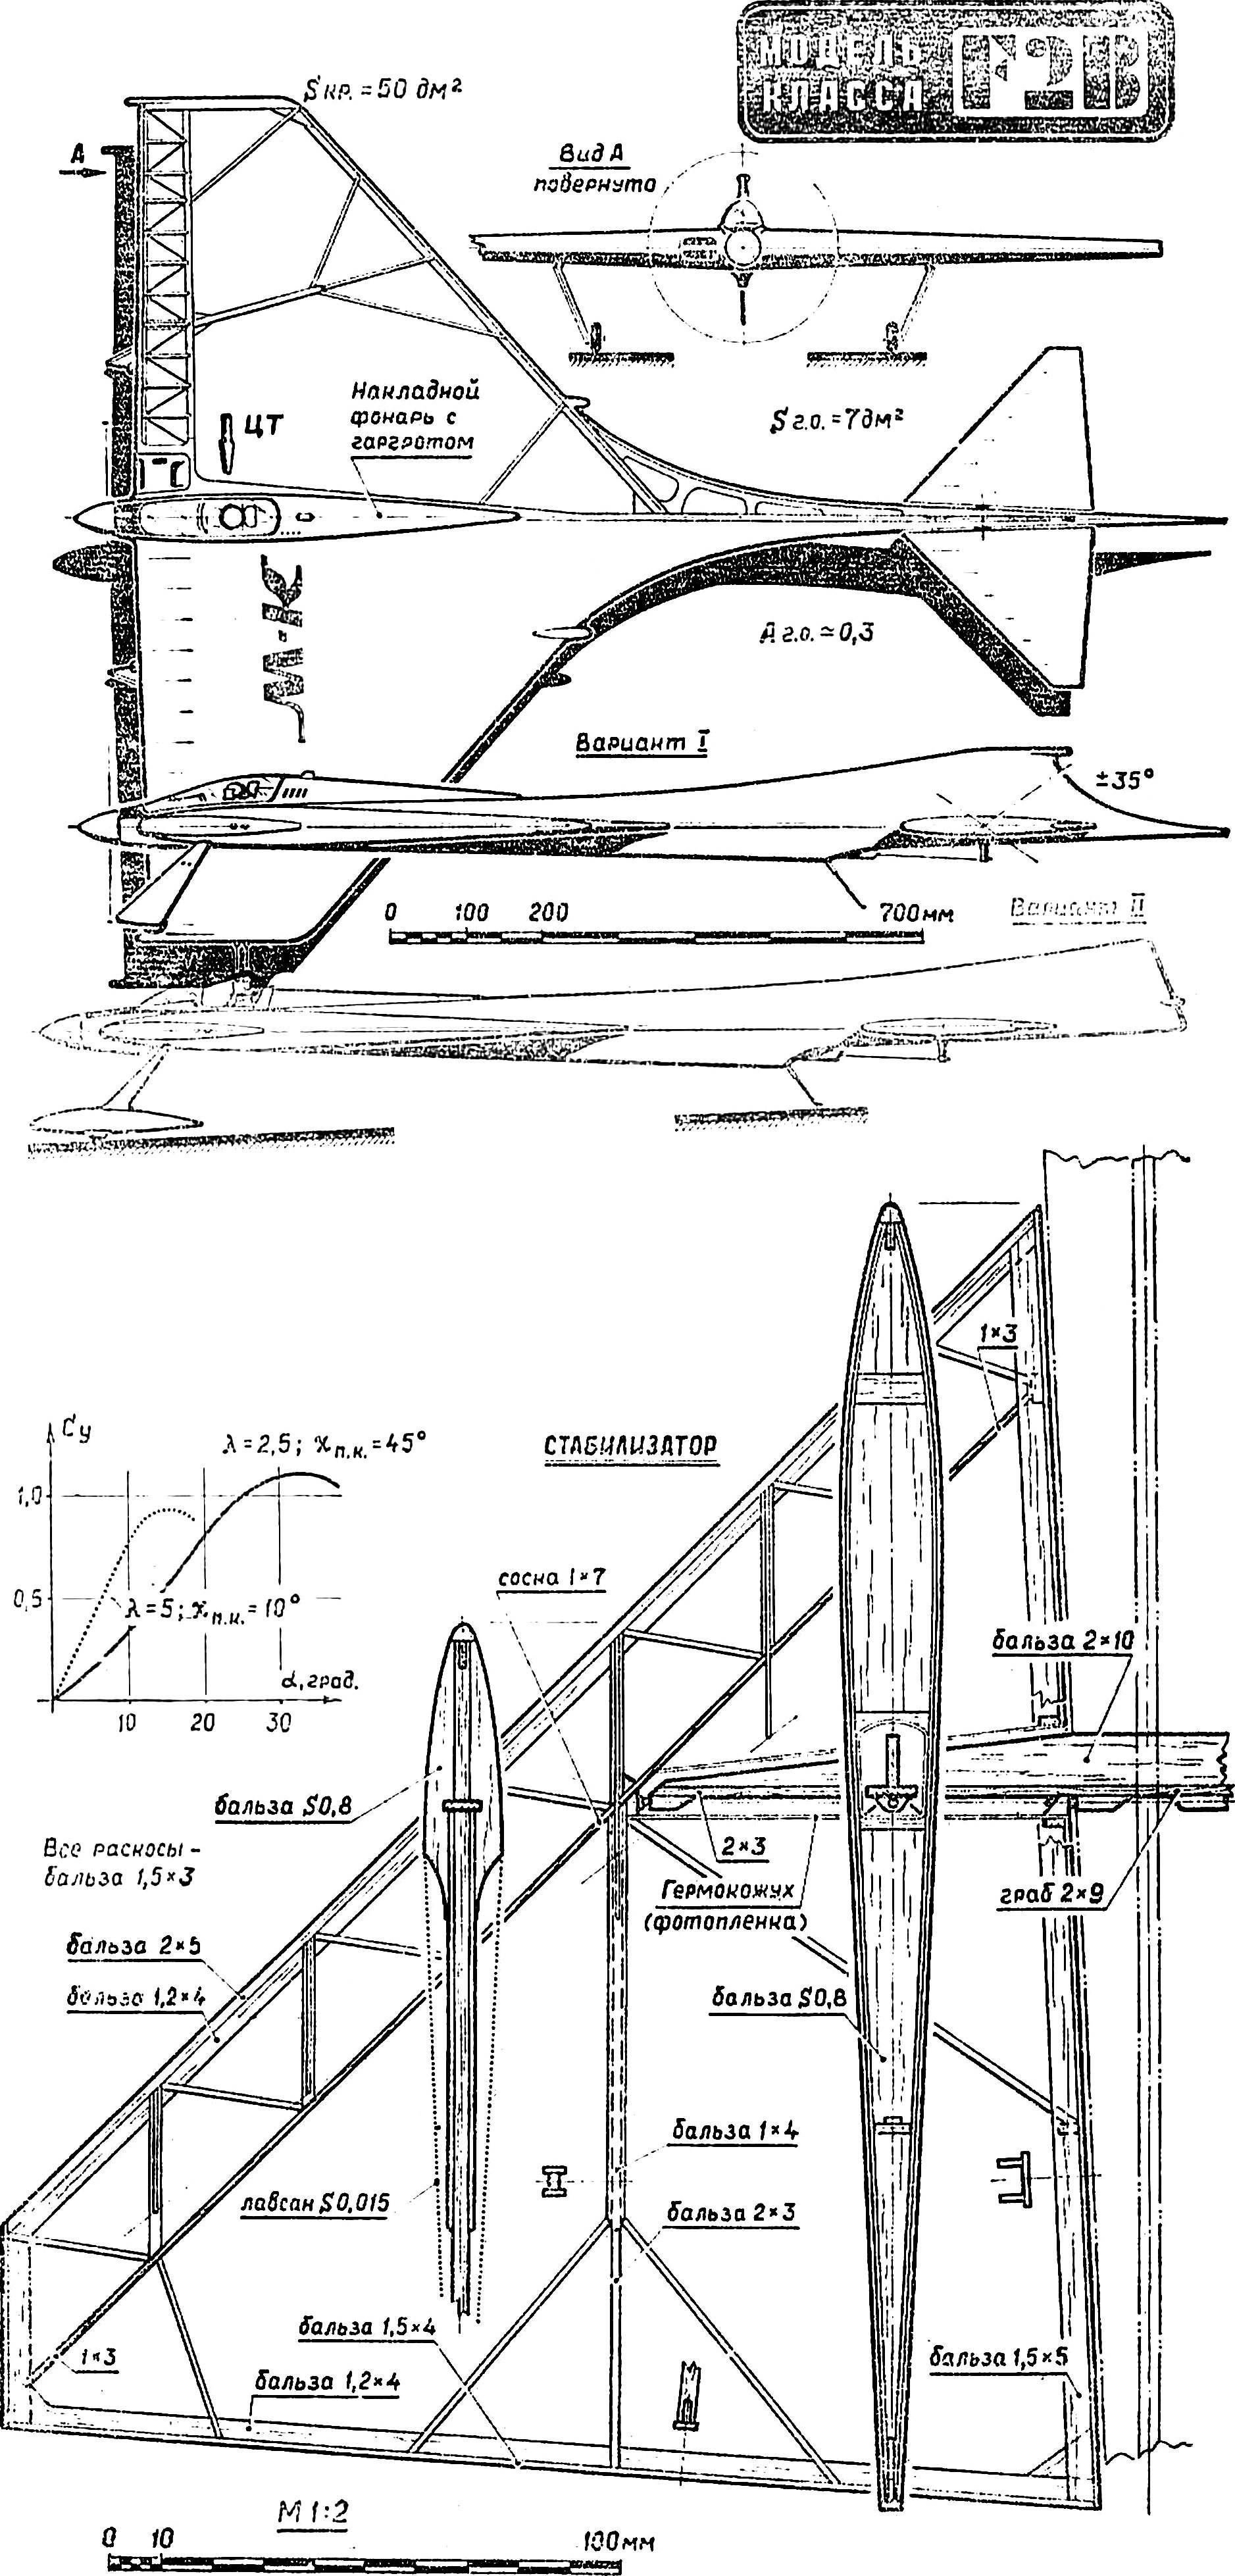 Пилотажная модель с двигателем рабочим объемом 7,0 см3.